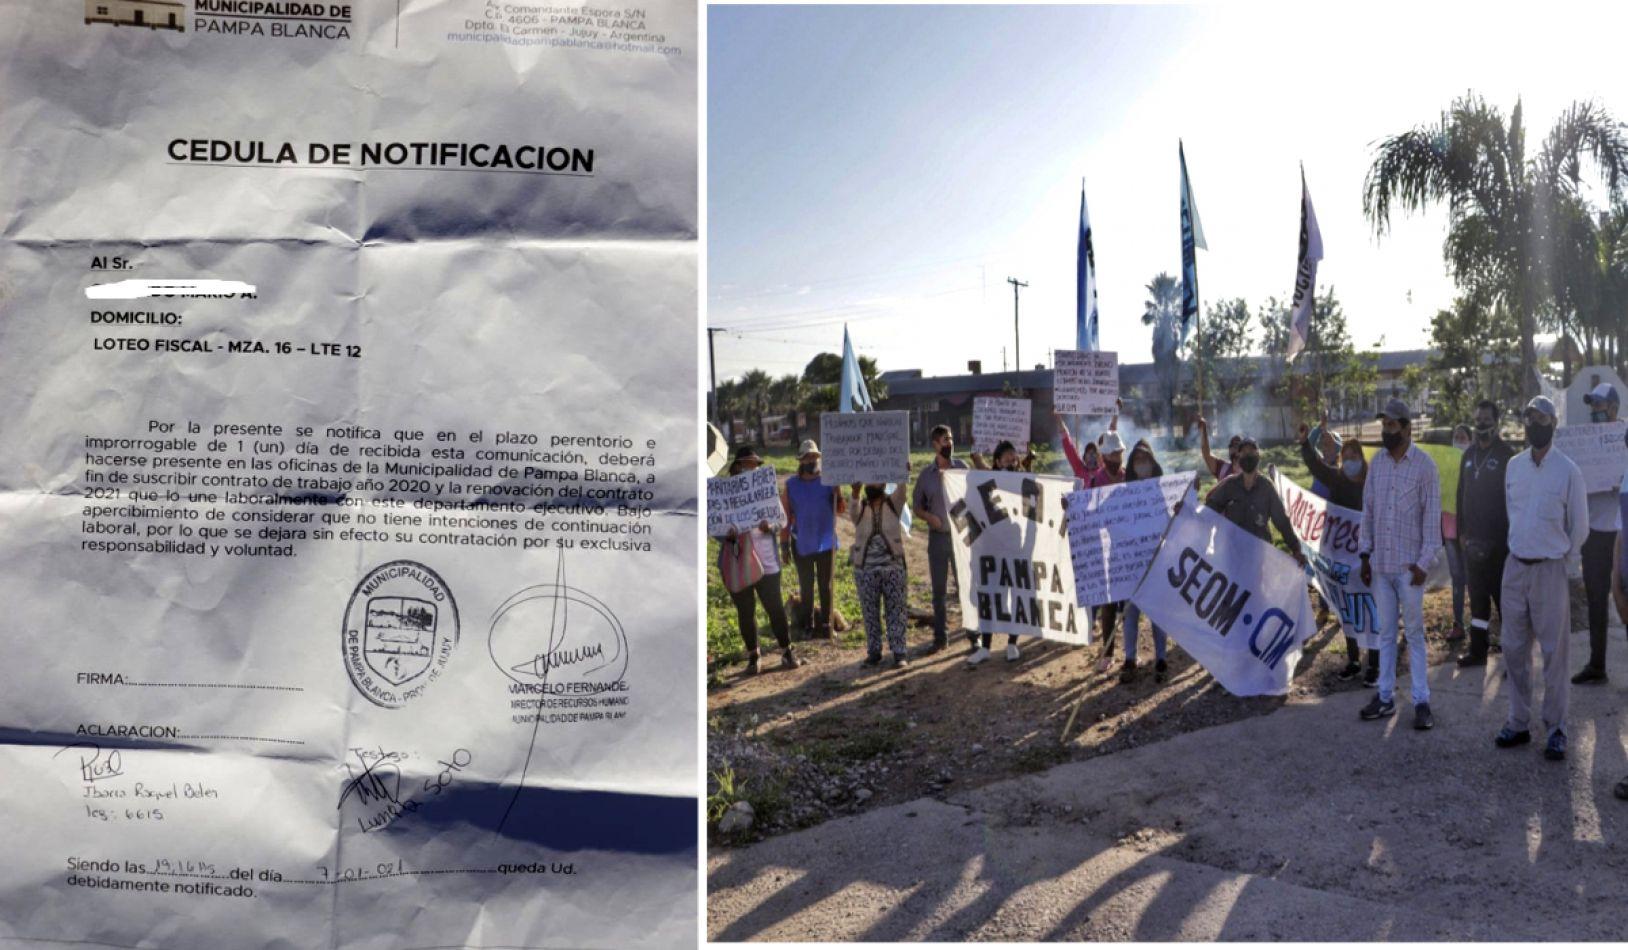 El SEOM extiende el paro por otras 48 horas en Pampa Blanca